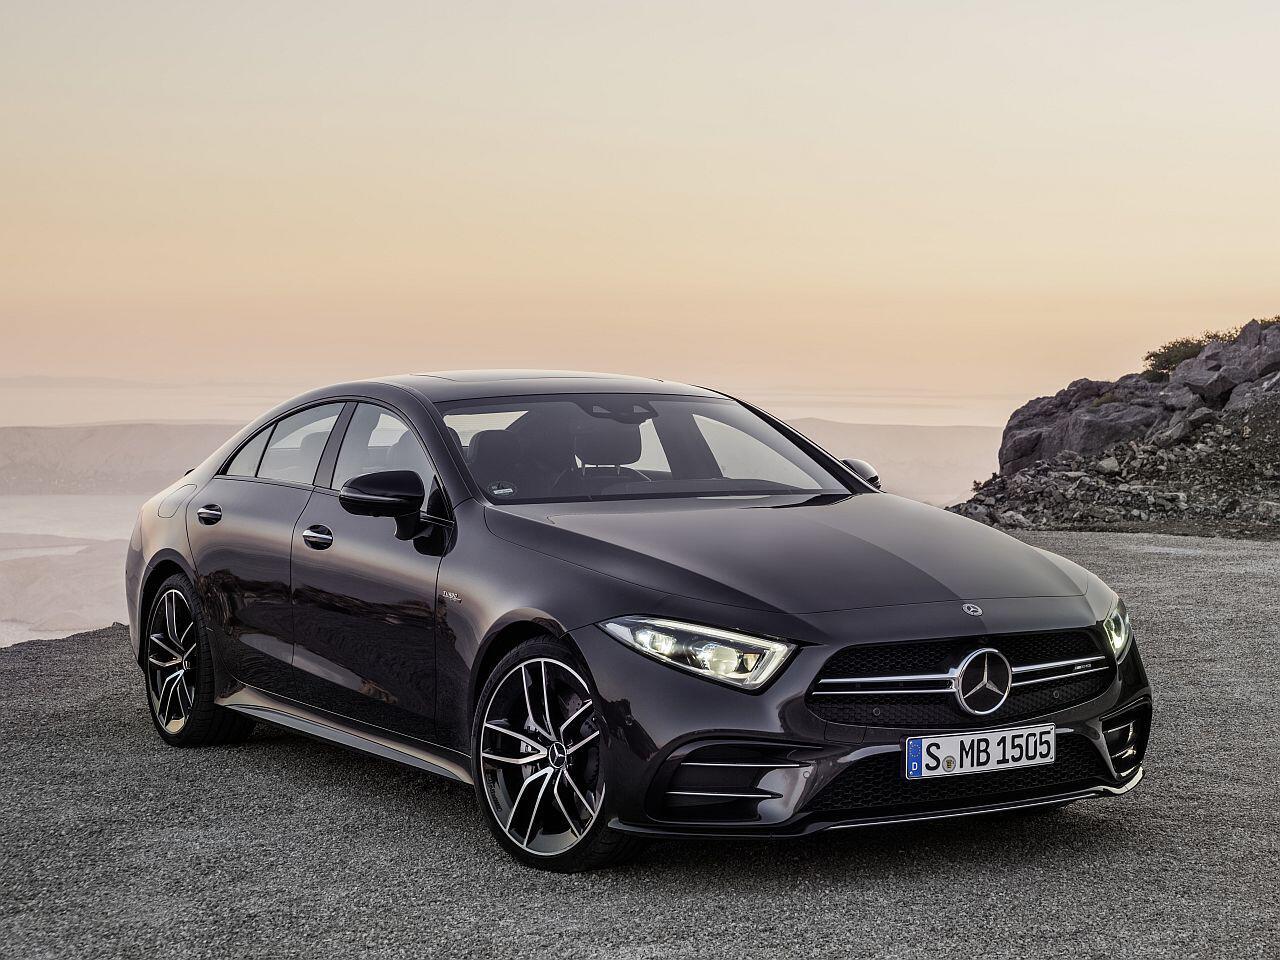 Bild zu Mercedes-AMG CLS 53 4MATIC+